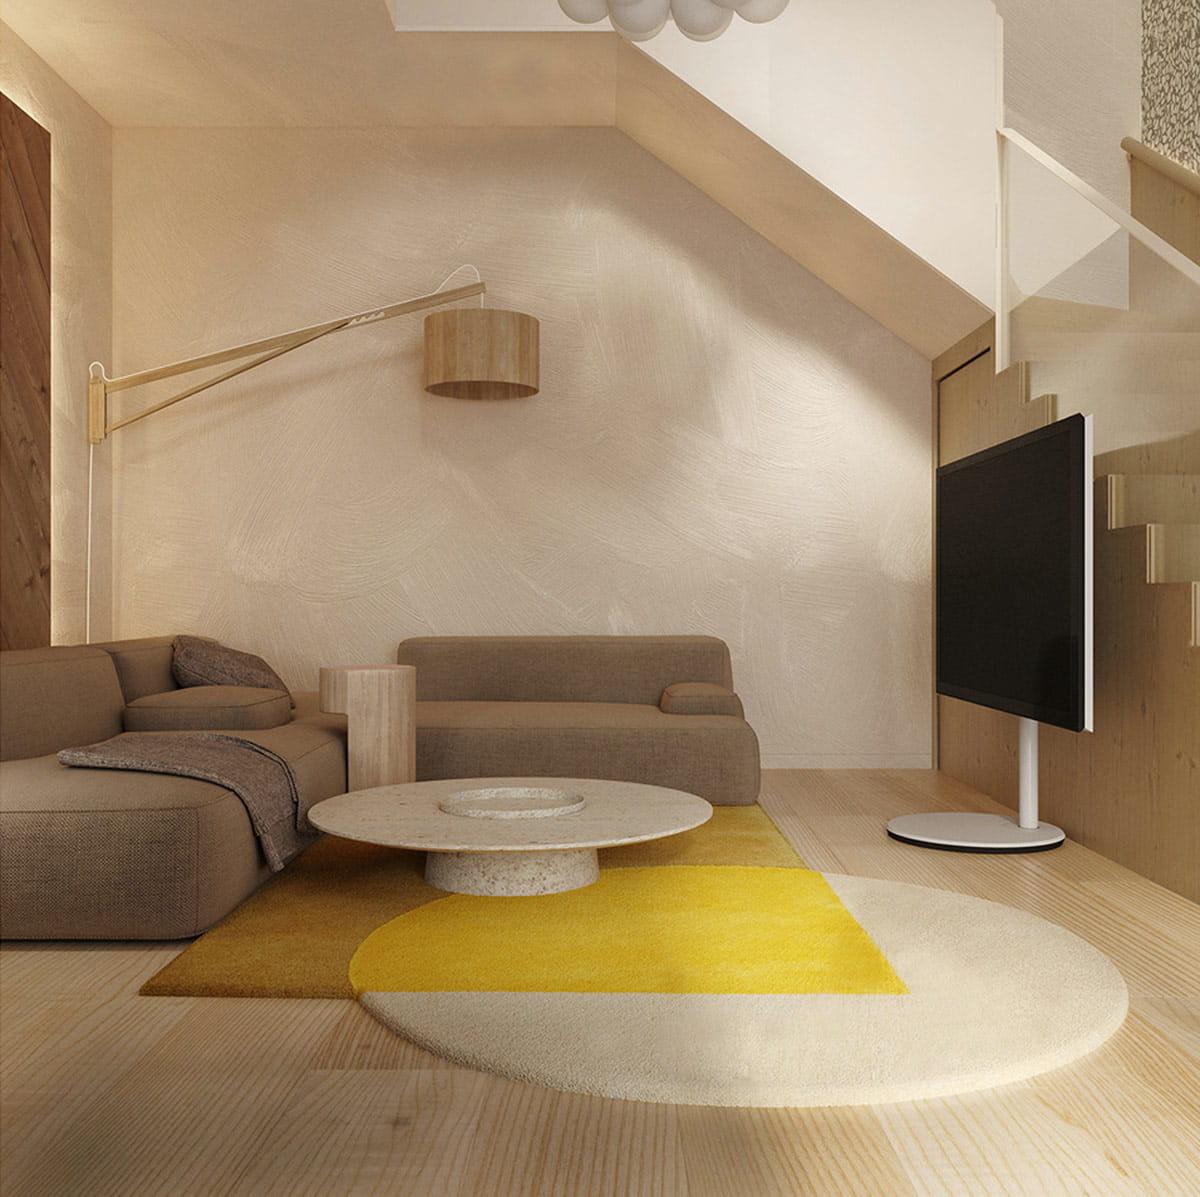 Цветовой дизайн этой гостиной проработан до мелочей